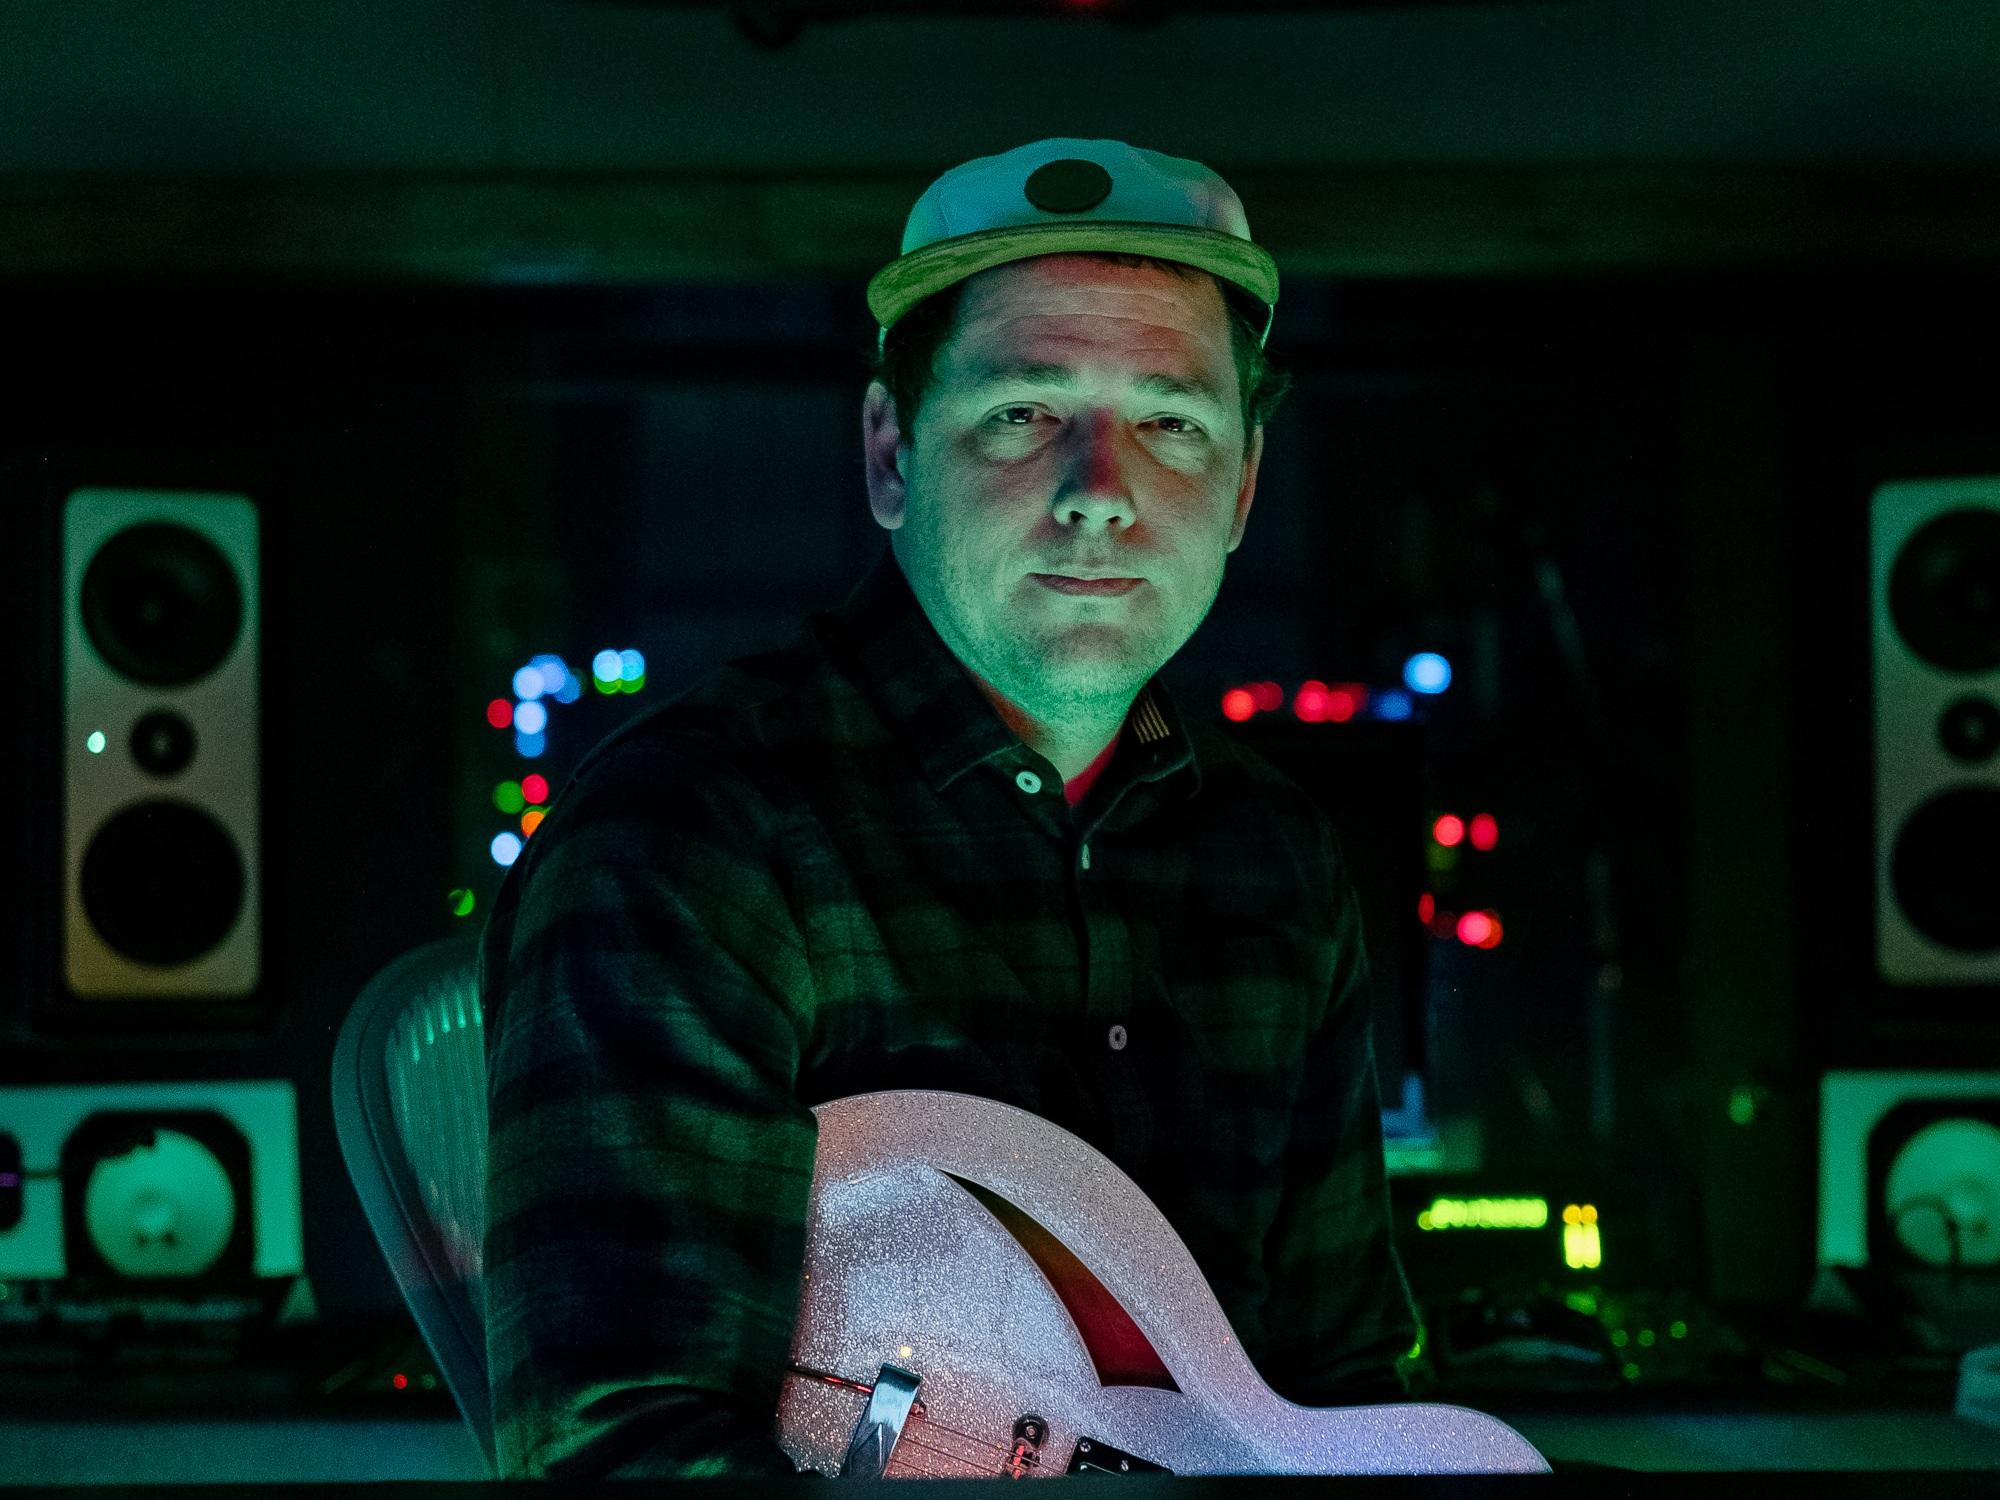 PrimeRecordingStudio-DerekGarten-MixingEngineerProducer-Nashville5_2019.jpg